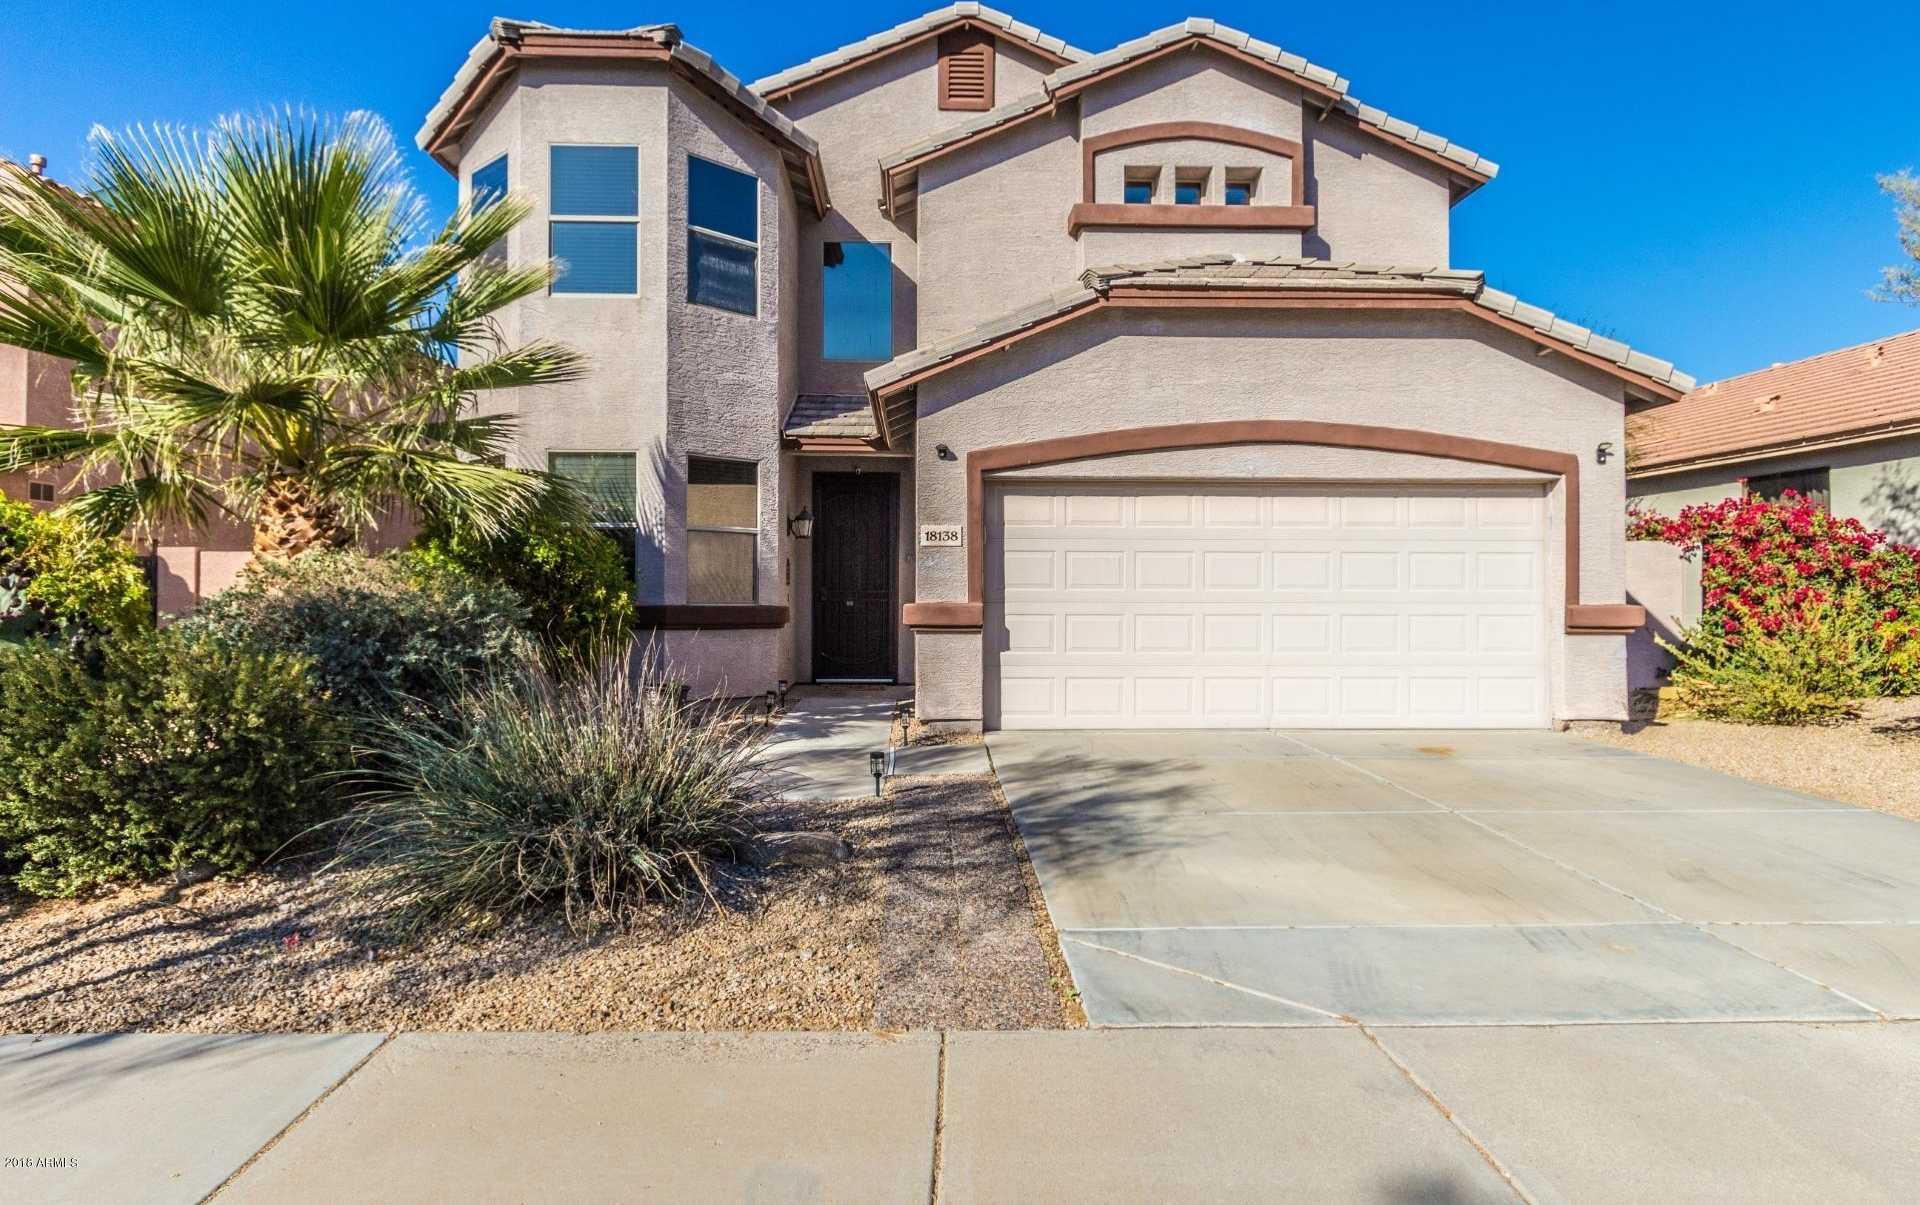 $294,900 - 5Br/3Ba - Home for Sale in Estrella Mountain Ranch, Goodyear